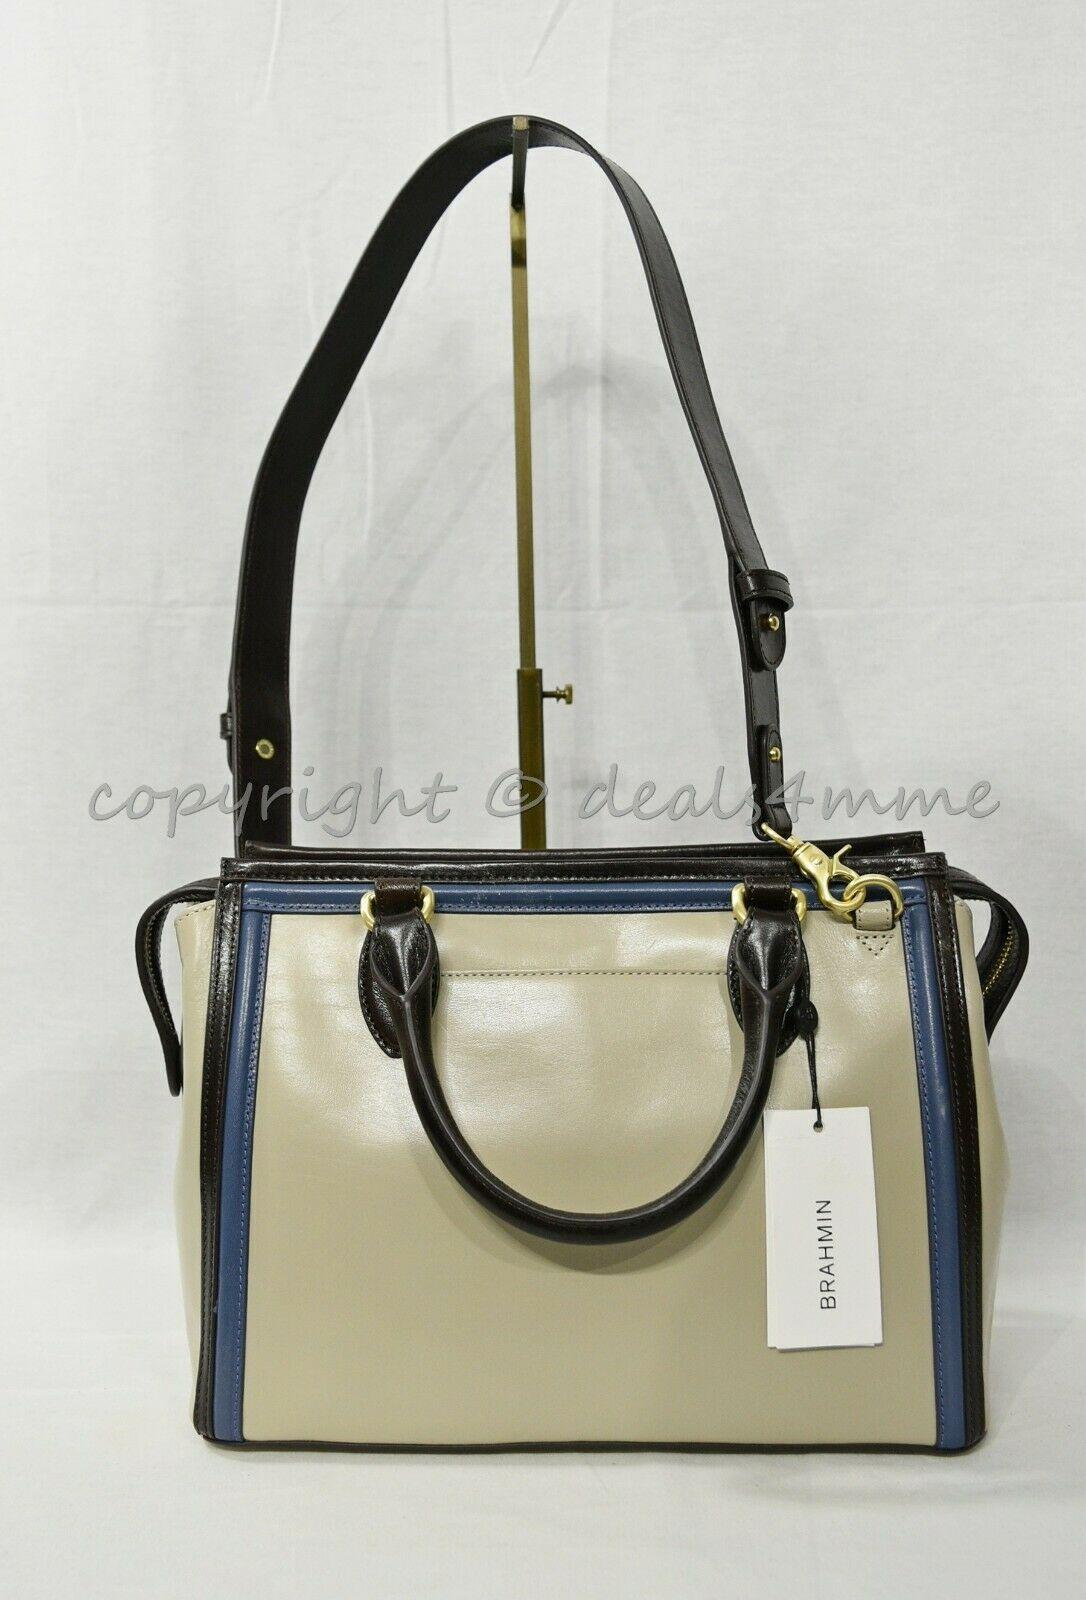 NWT Brahmin Schooner Smooth Leather Satchel/Shoulder Bag in Sand Westport image 8